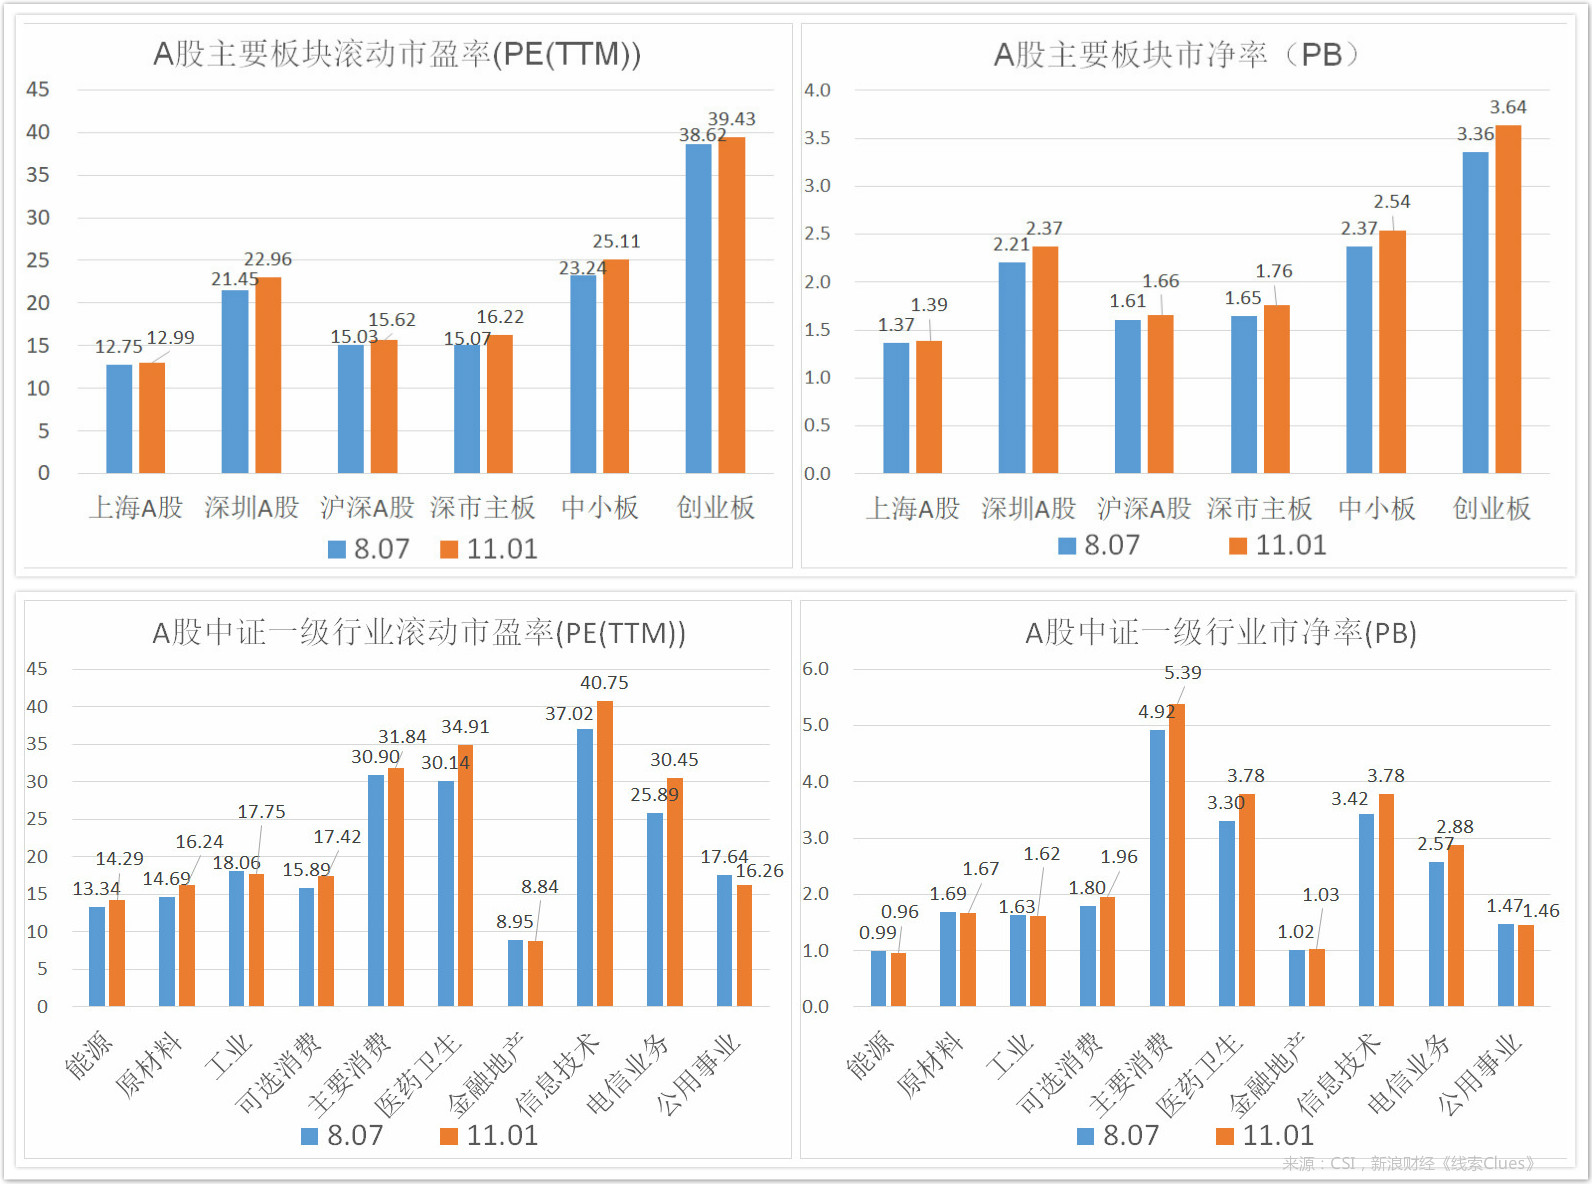 lv娱乐场平台|全球投资者持续看好中国 10月对华投资同比大增7.4%